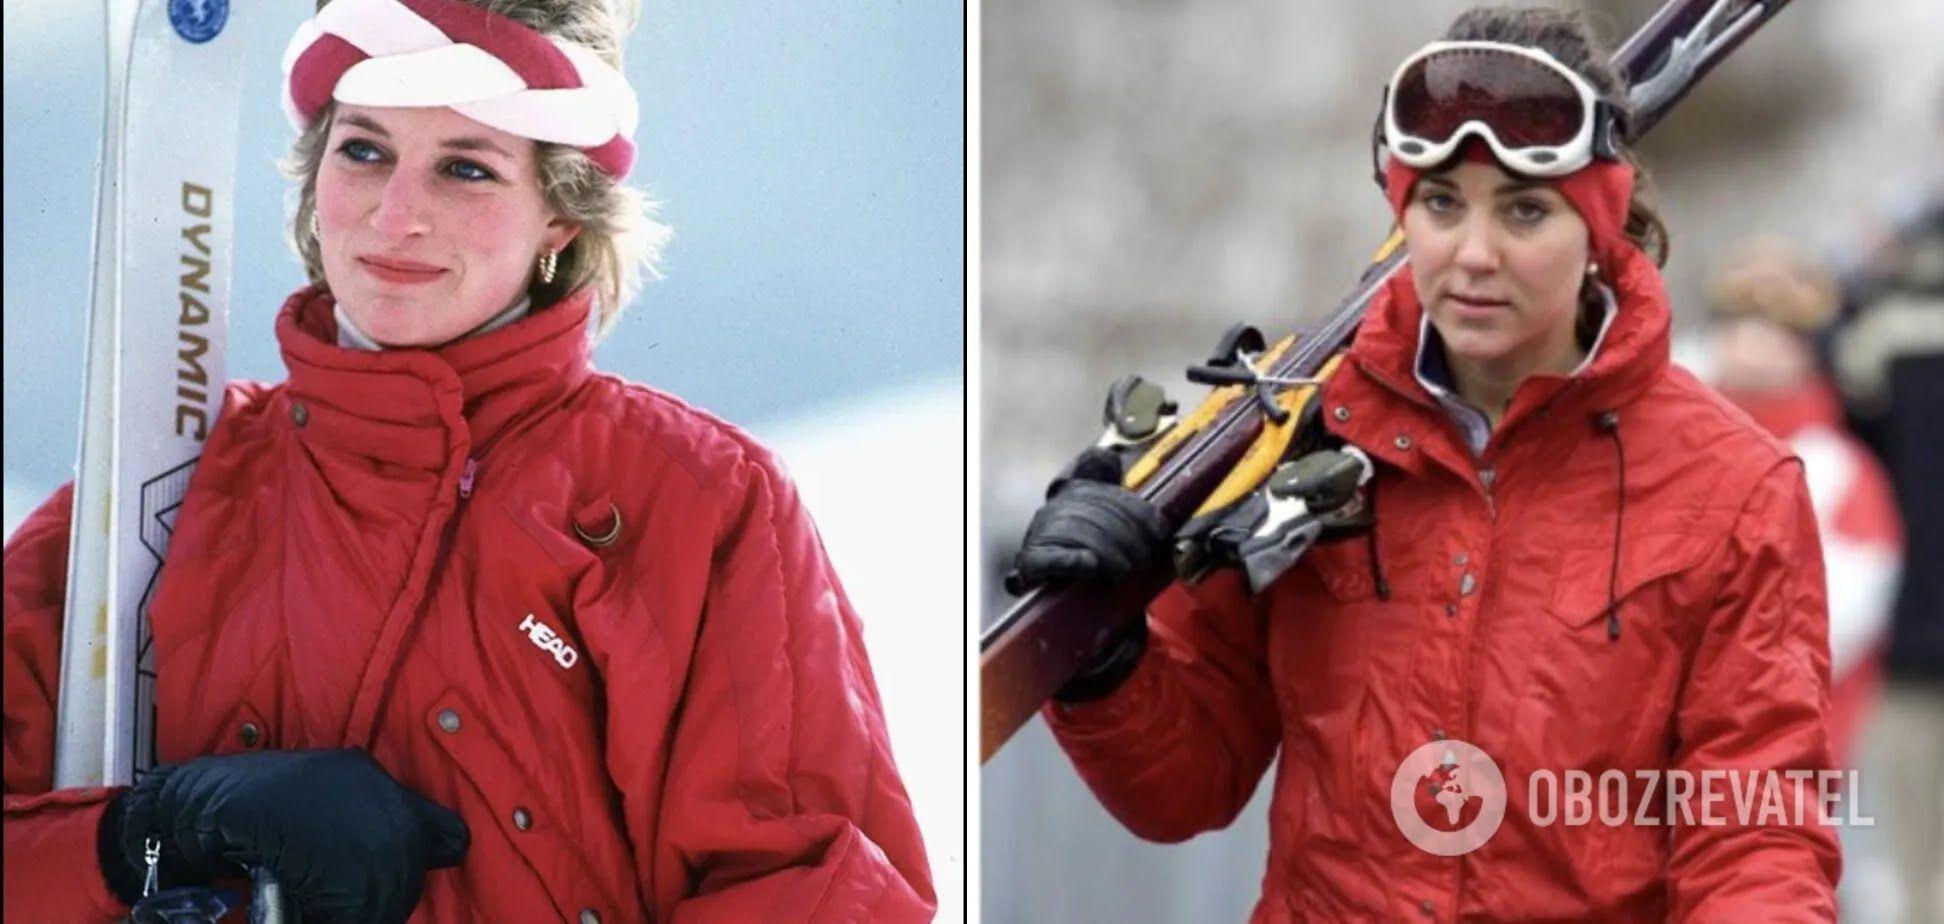 Кейт Міддлтон і принцеса Діана каталися на лижах у схожих червоних куртках.